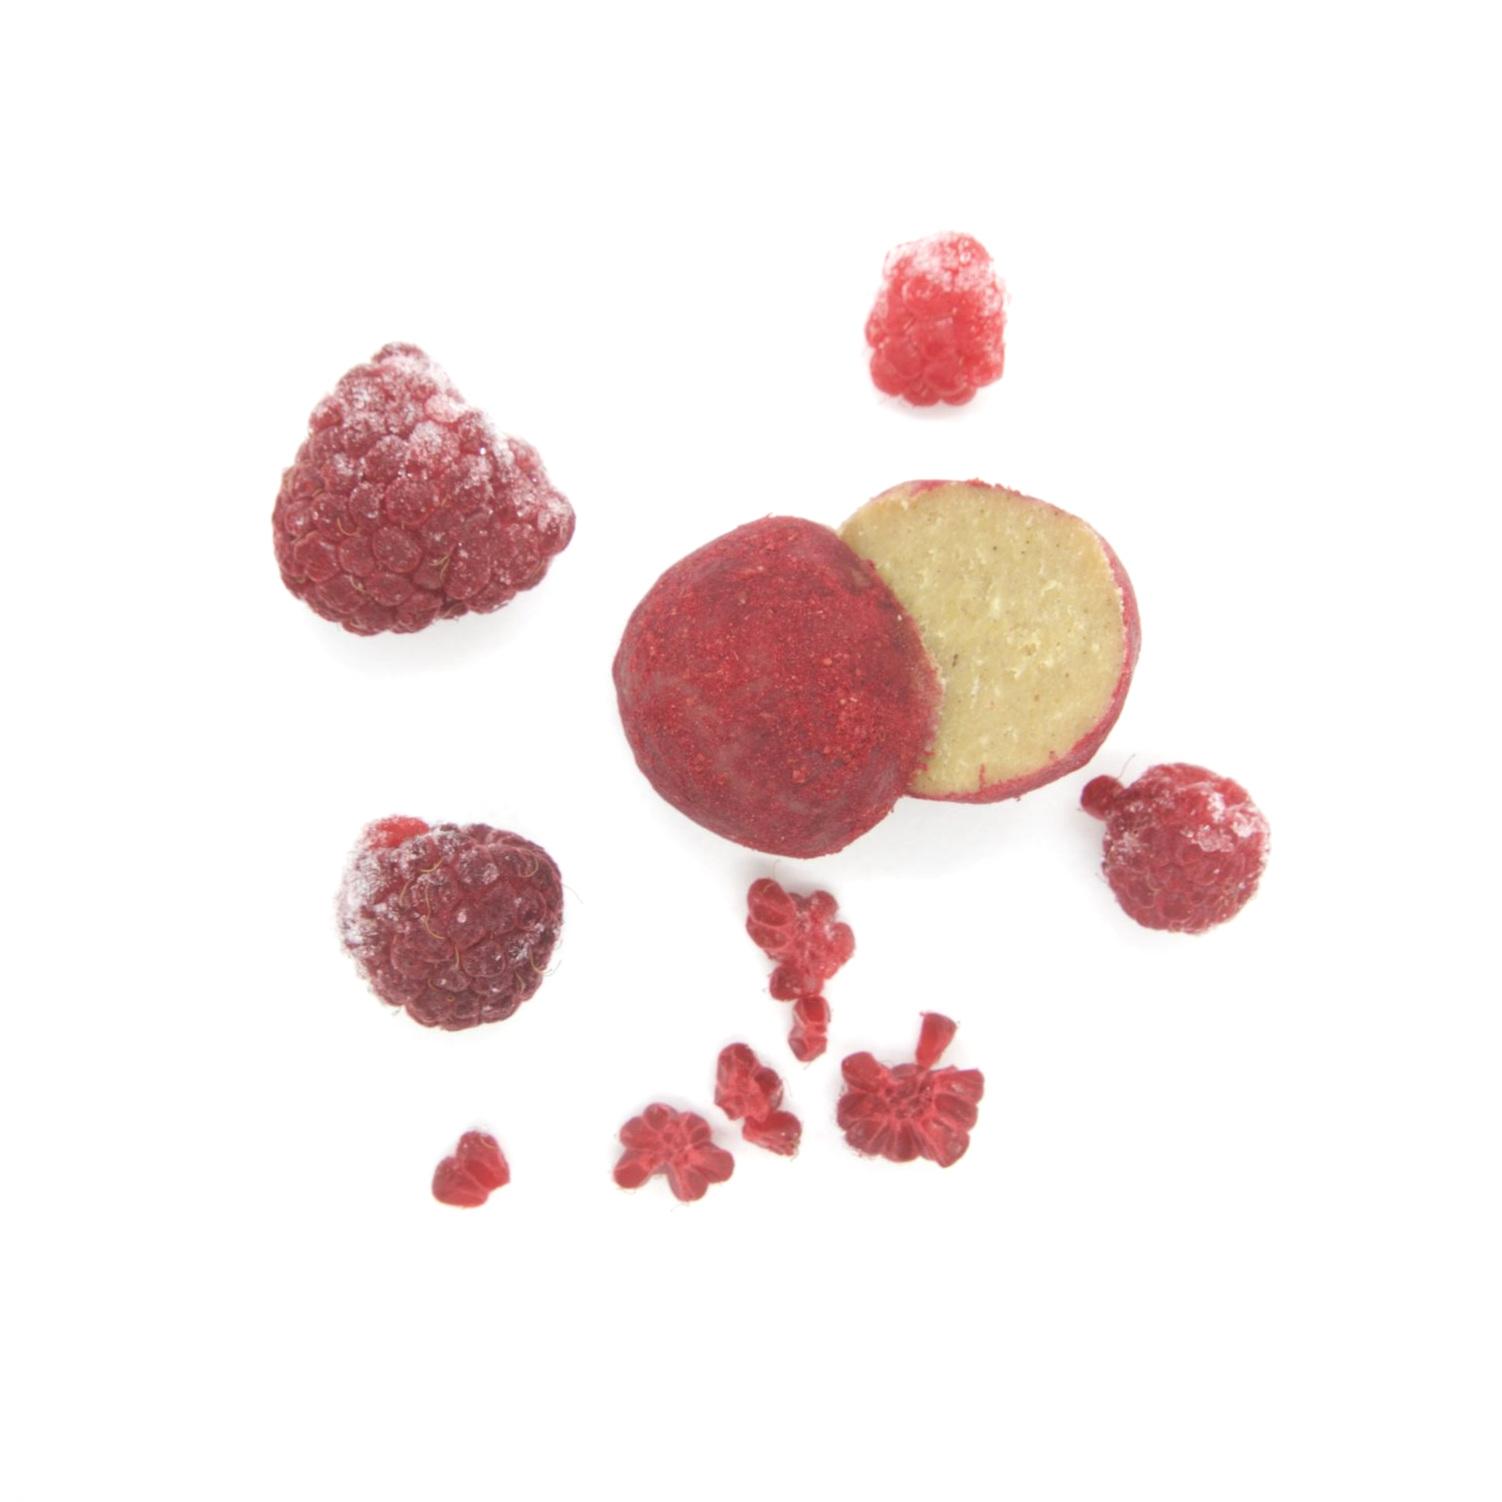 RAW VEGAN TRYFFEL - VIT HALLON 40X15G Ingredienser:   CASHEWNÖTTER*, agave sirap*, kakaosmör*, lucuma*, torkad hallonpulver*, Bourbon vanilj*, pink Himalayan salt *= ekologisk produkt  (kan innehålla spår av mandel & hasselnötter)   Näringsvärde (100g):   Energi (kj/kcal) 2130/509, Fett 33,57g - varav mättad 11,59g Kolhydrater 52,80g - varav sockerarter 37,80g Fiber 3,94g Protein 8,75g Salt 0,16g